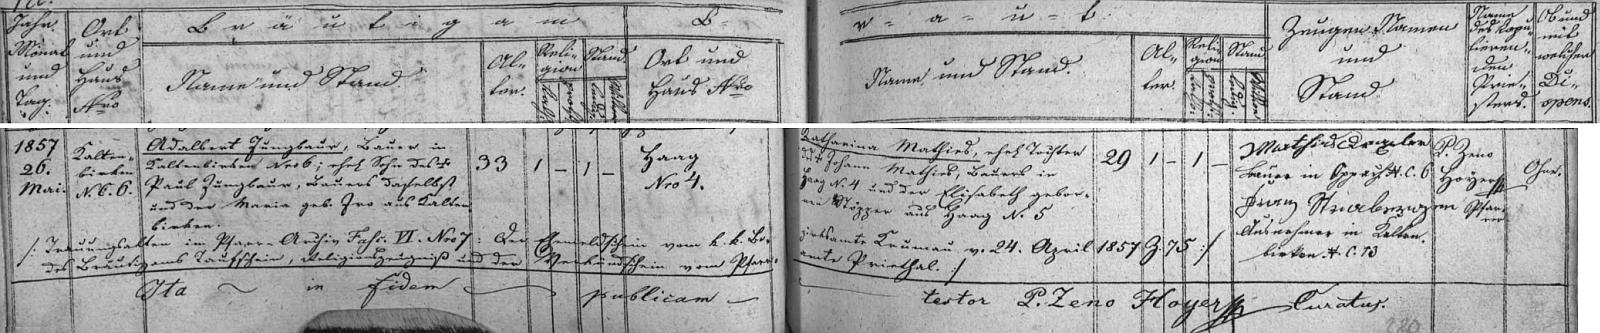 Záznam o svatbě Adalberta Jungbauera a Kathariny, roz. Mathiesové, jejíž matka Elisabeth, roz. Stöpperová, pocházela ze stavení čp. 5 v Haagu, na stránkách oddací matriky farní obce Rožmitál na Šumavě